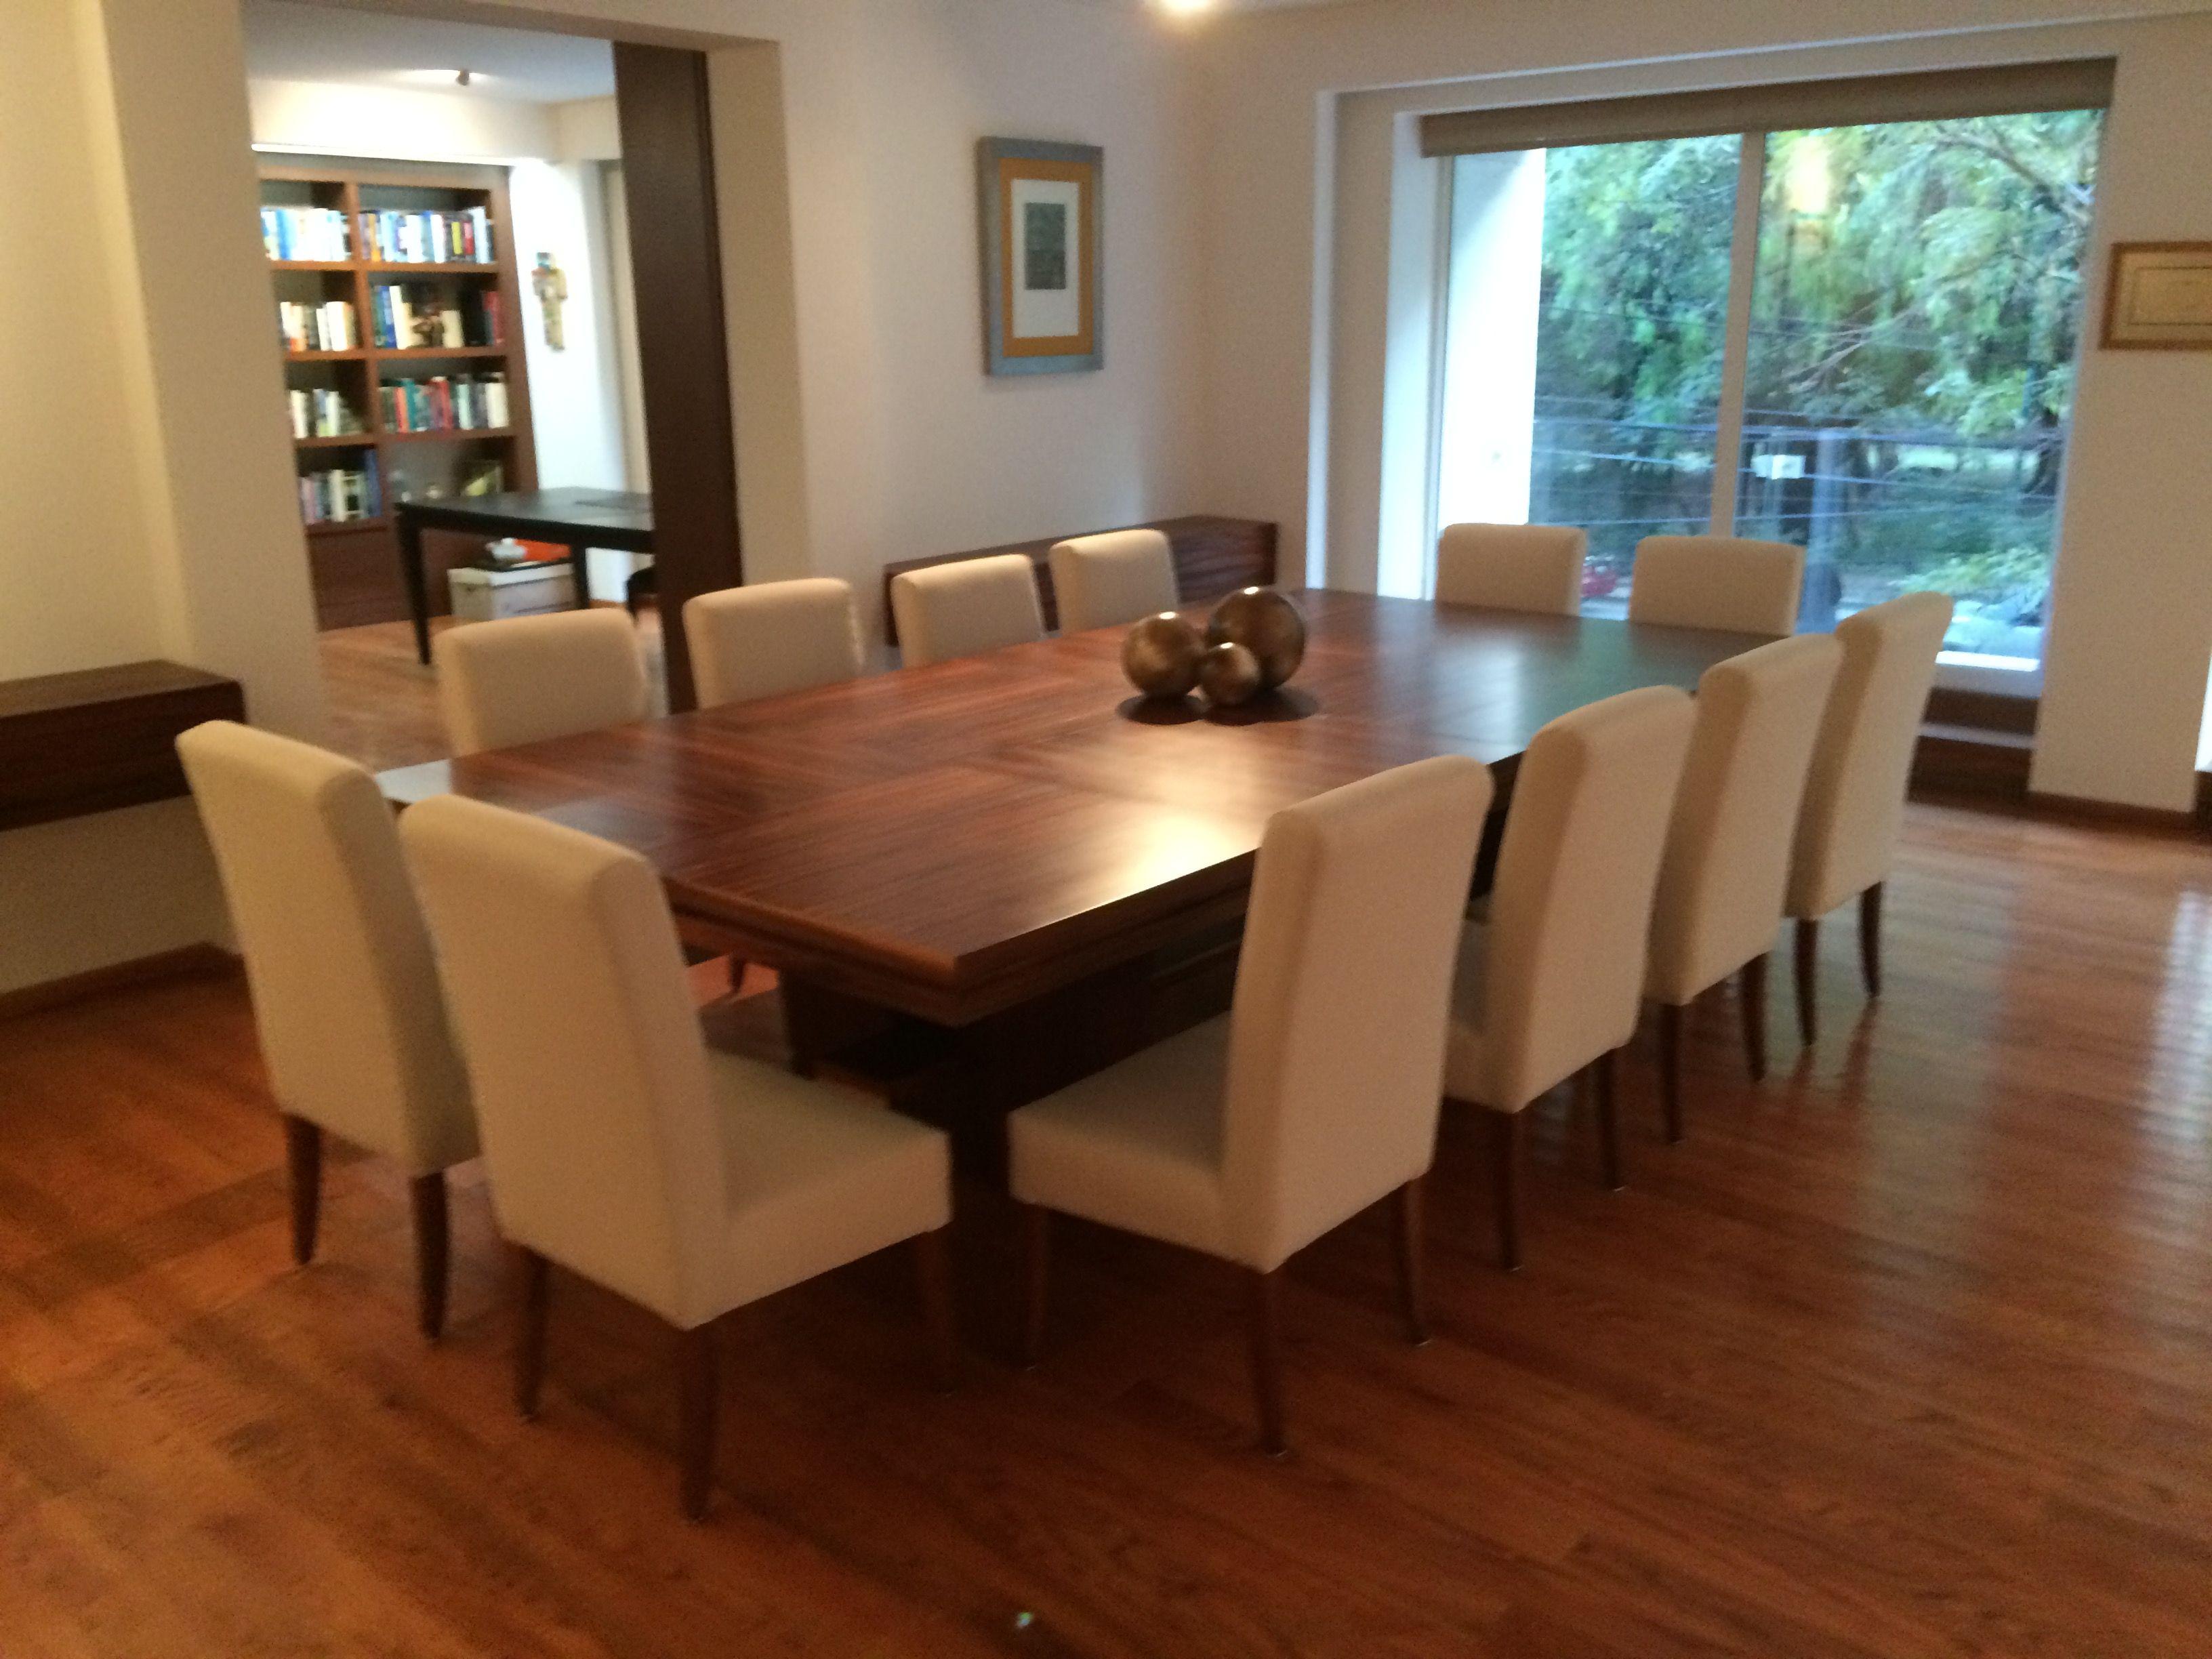 Las sillas de este comedor tapizadas en su totalidad for Ripley comedores 8 sillas